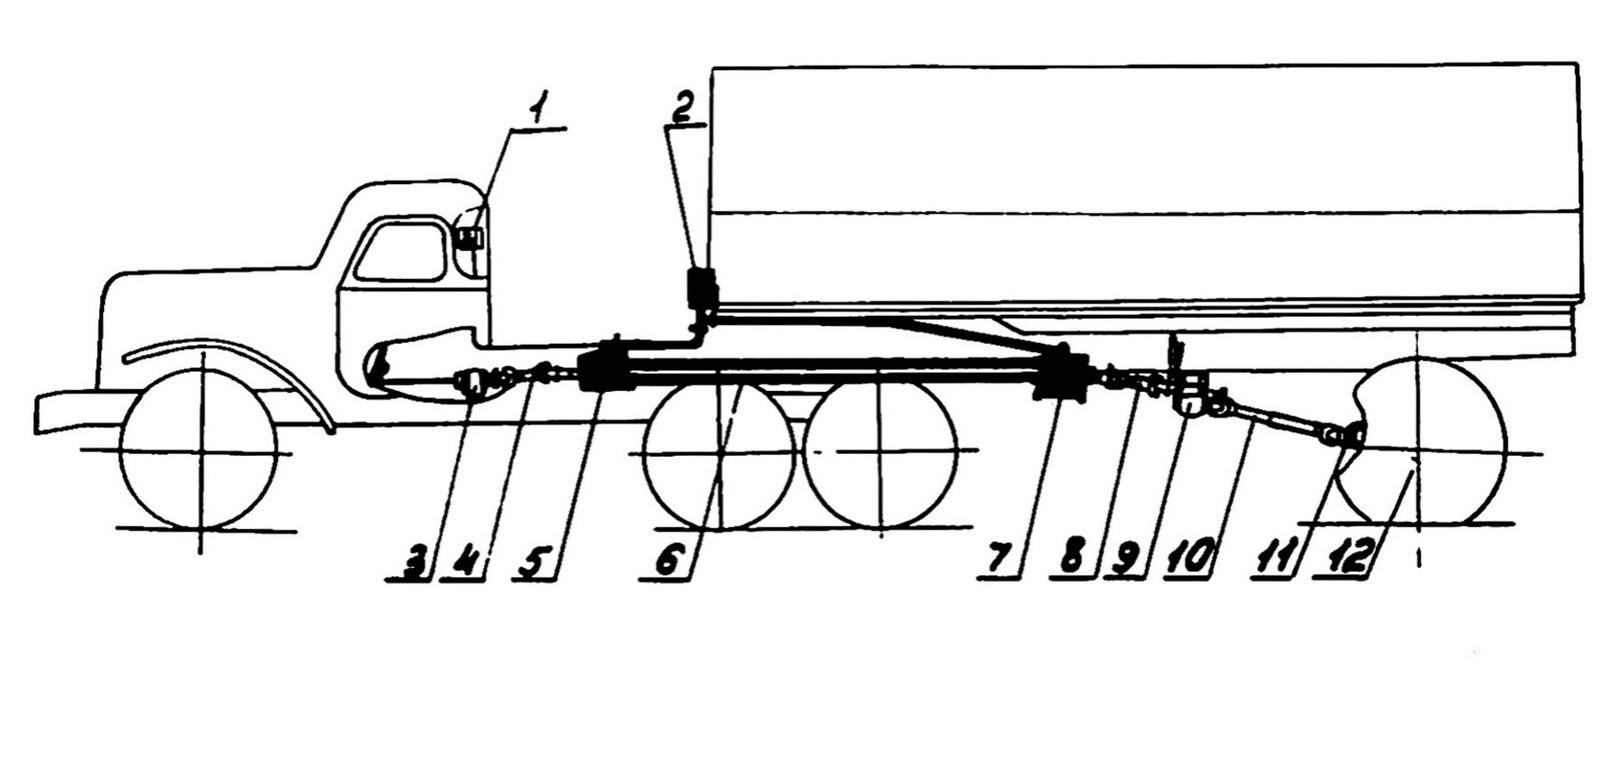 Схема трехосного тягача